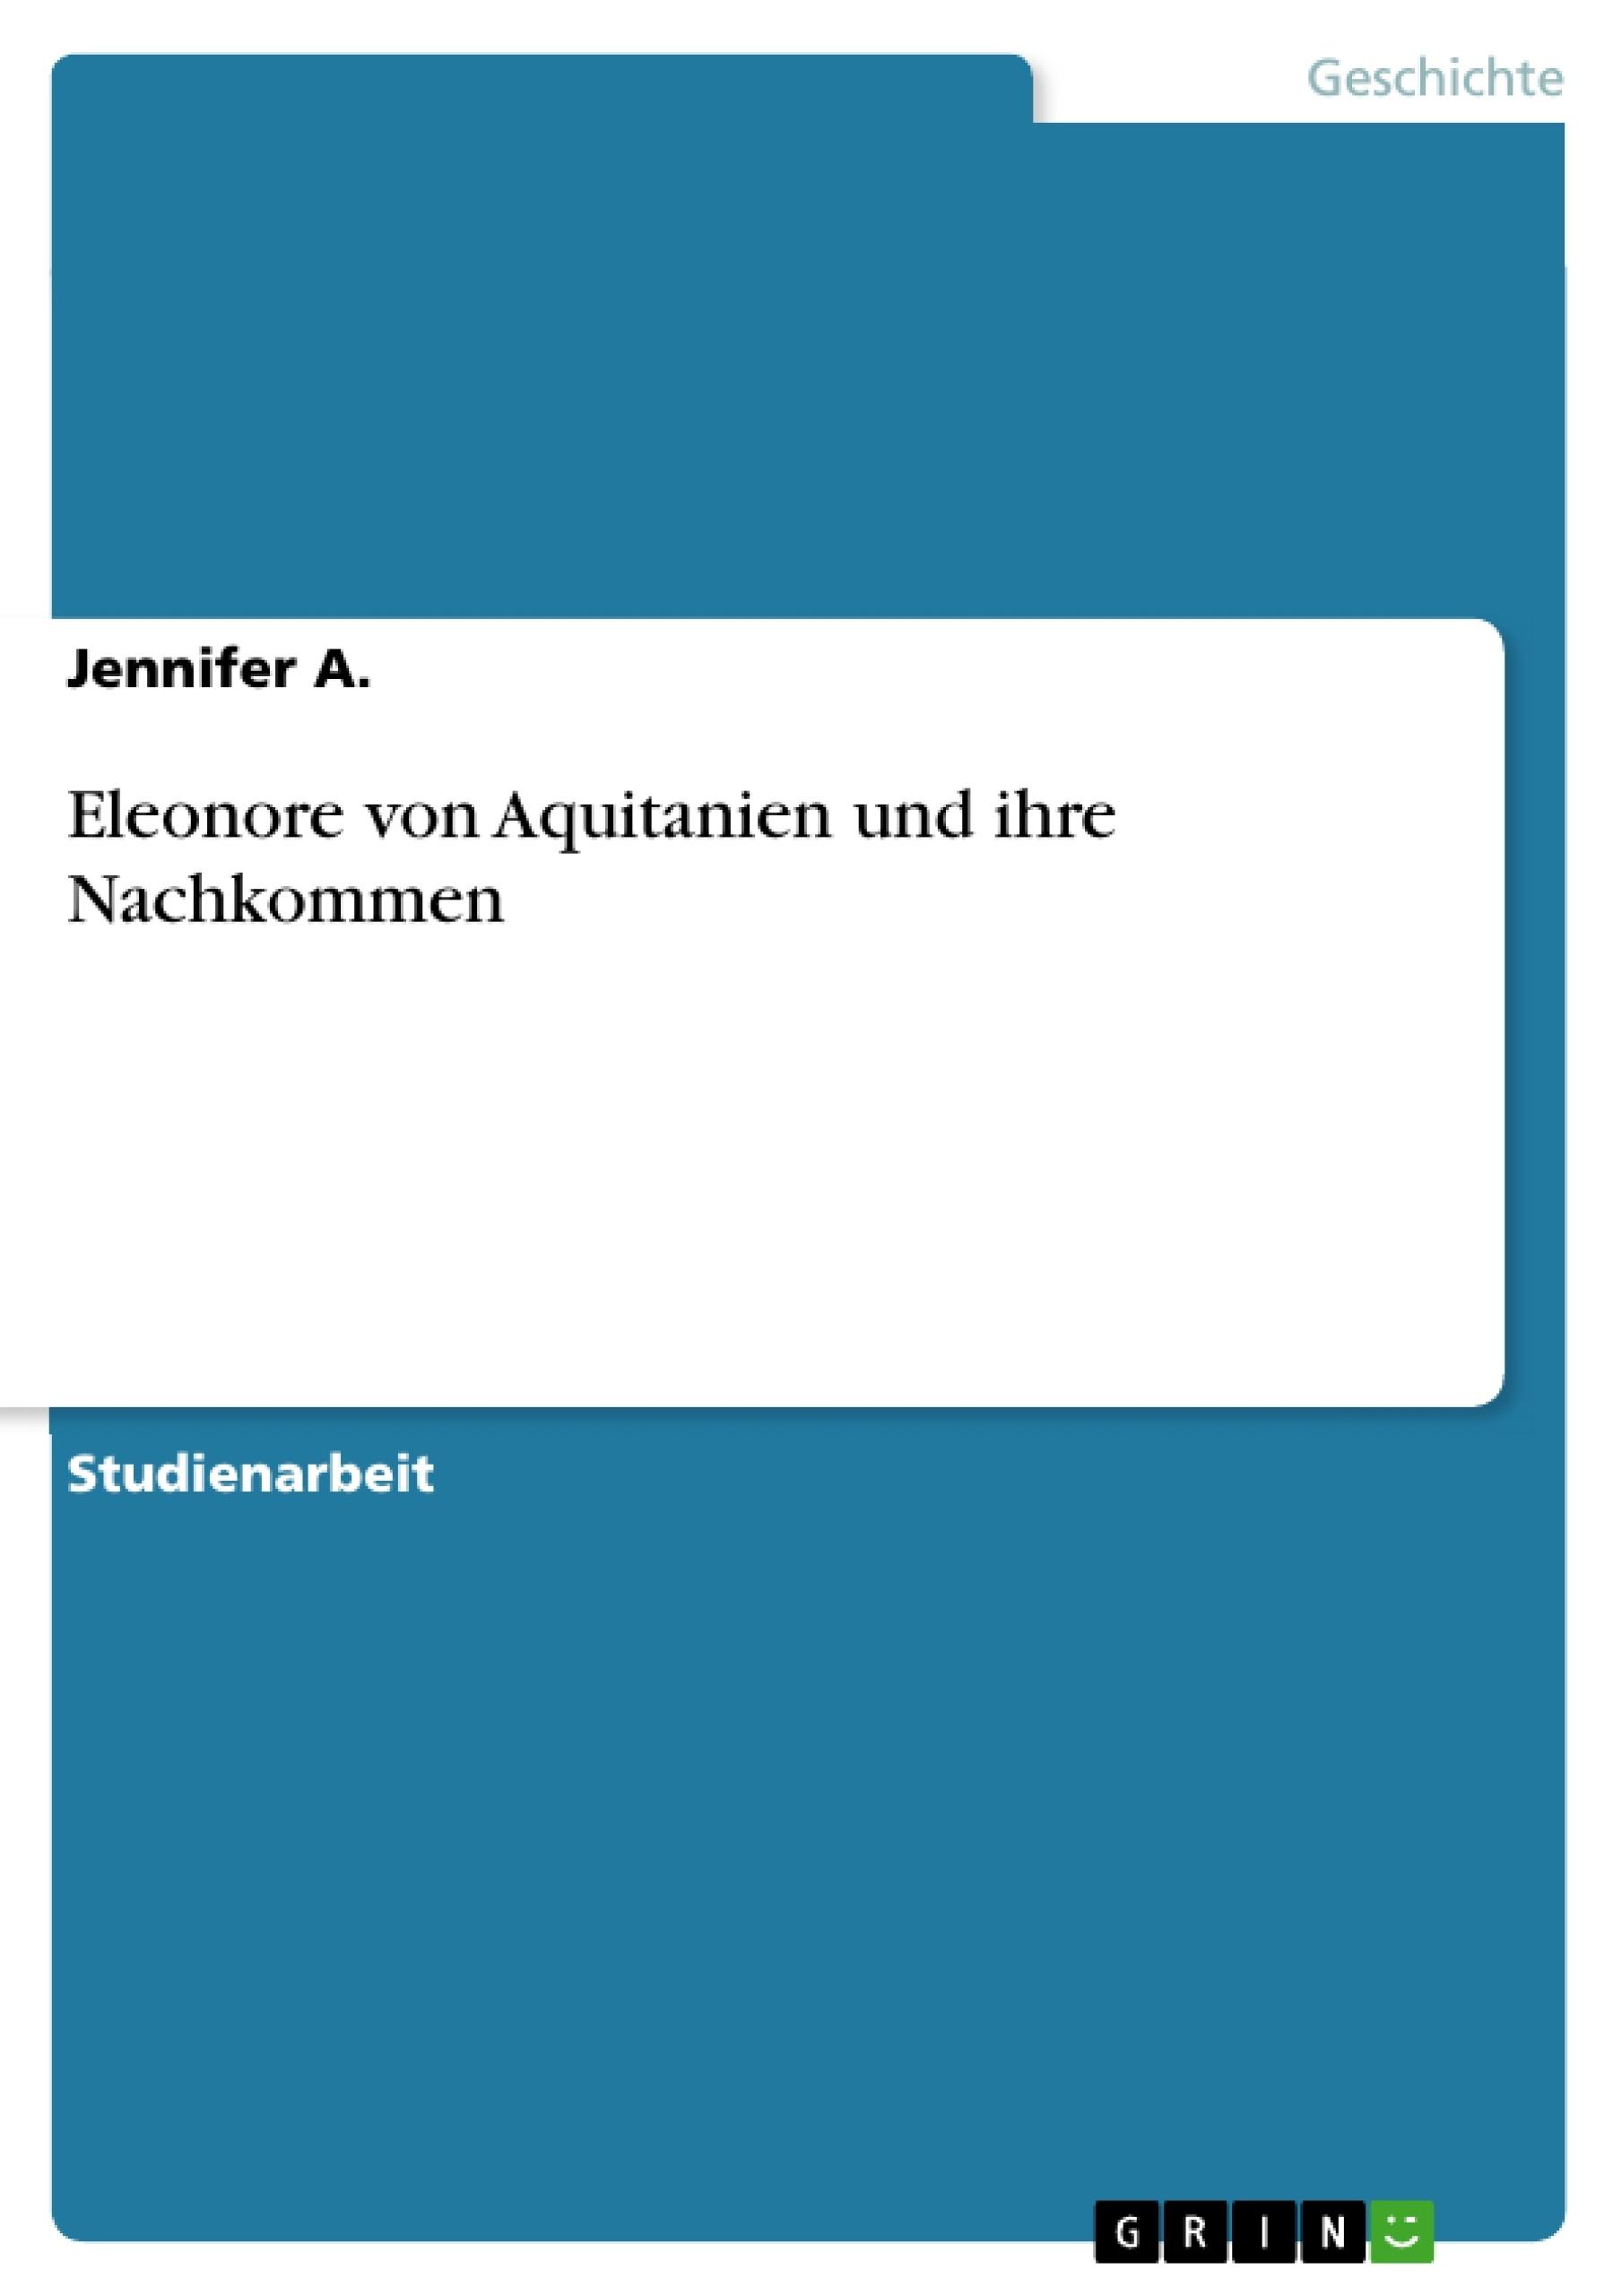 Titel: Eleonore von Aquitanien und ihre Nachkommen